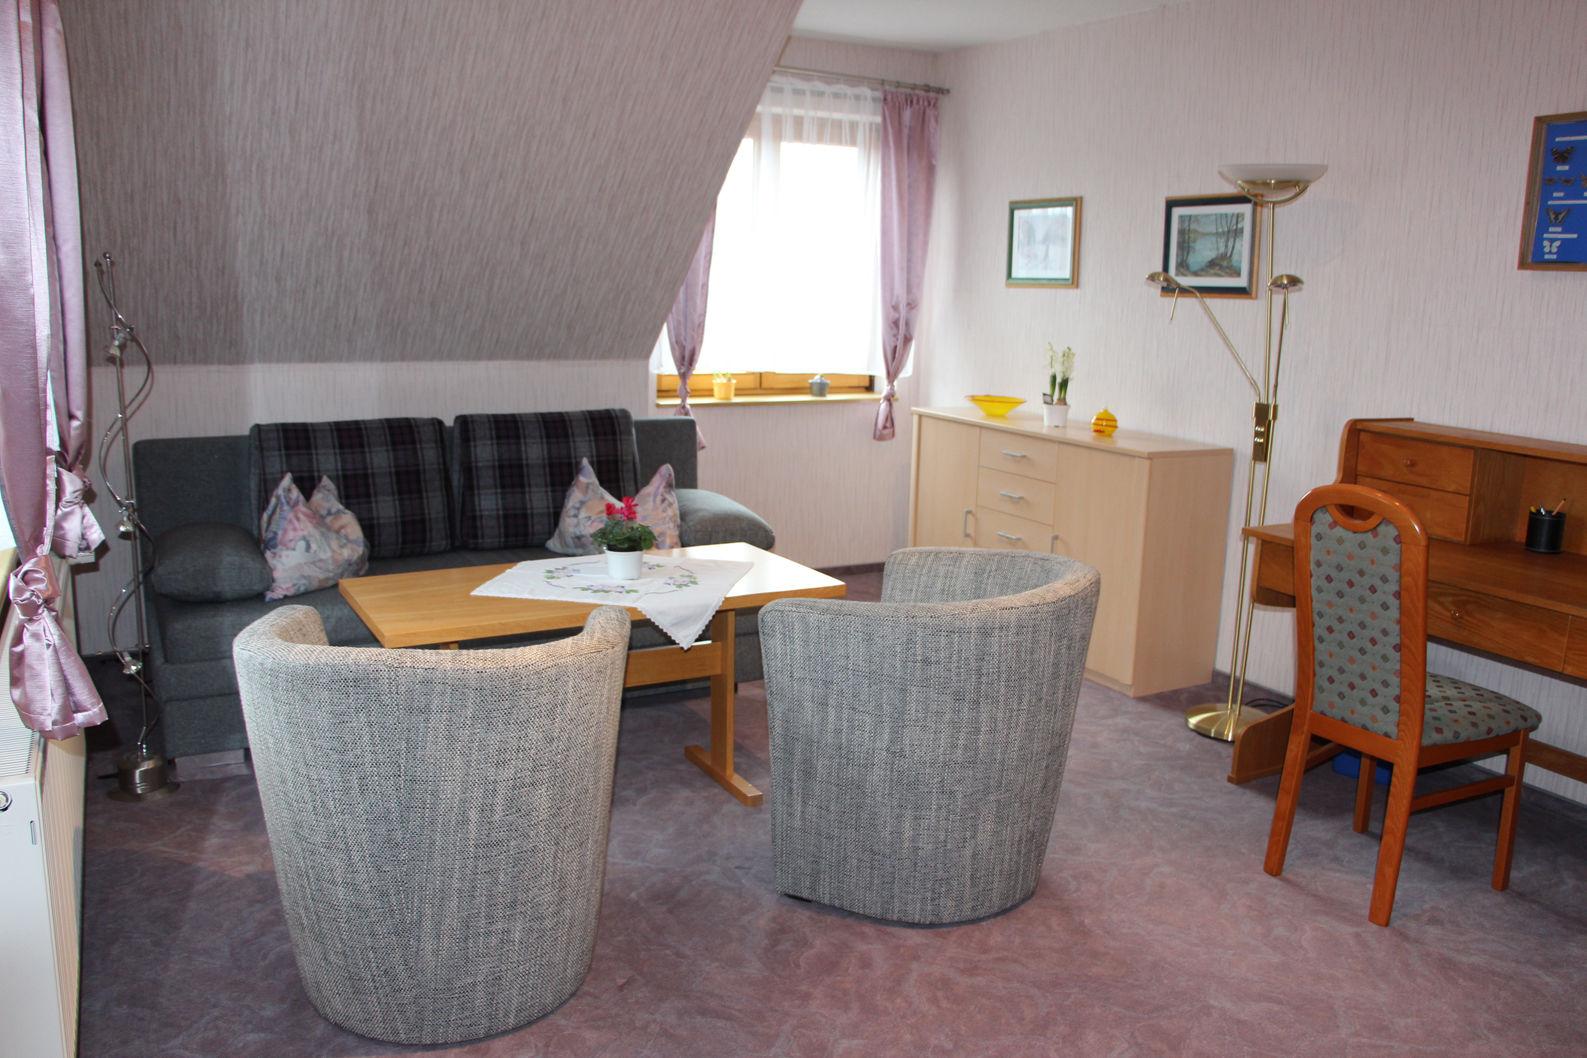 2. Schlafzimmer mit Bett und Klappcouch